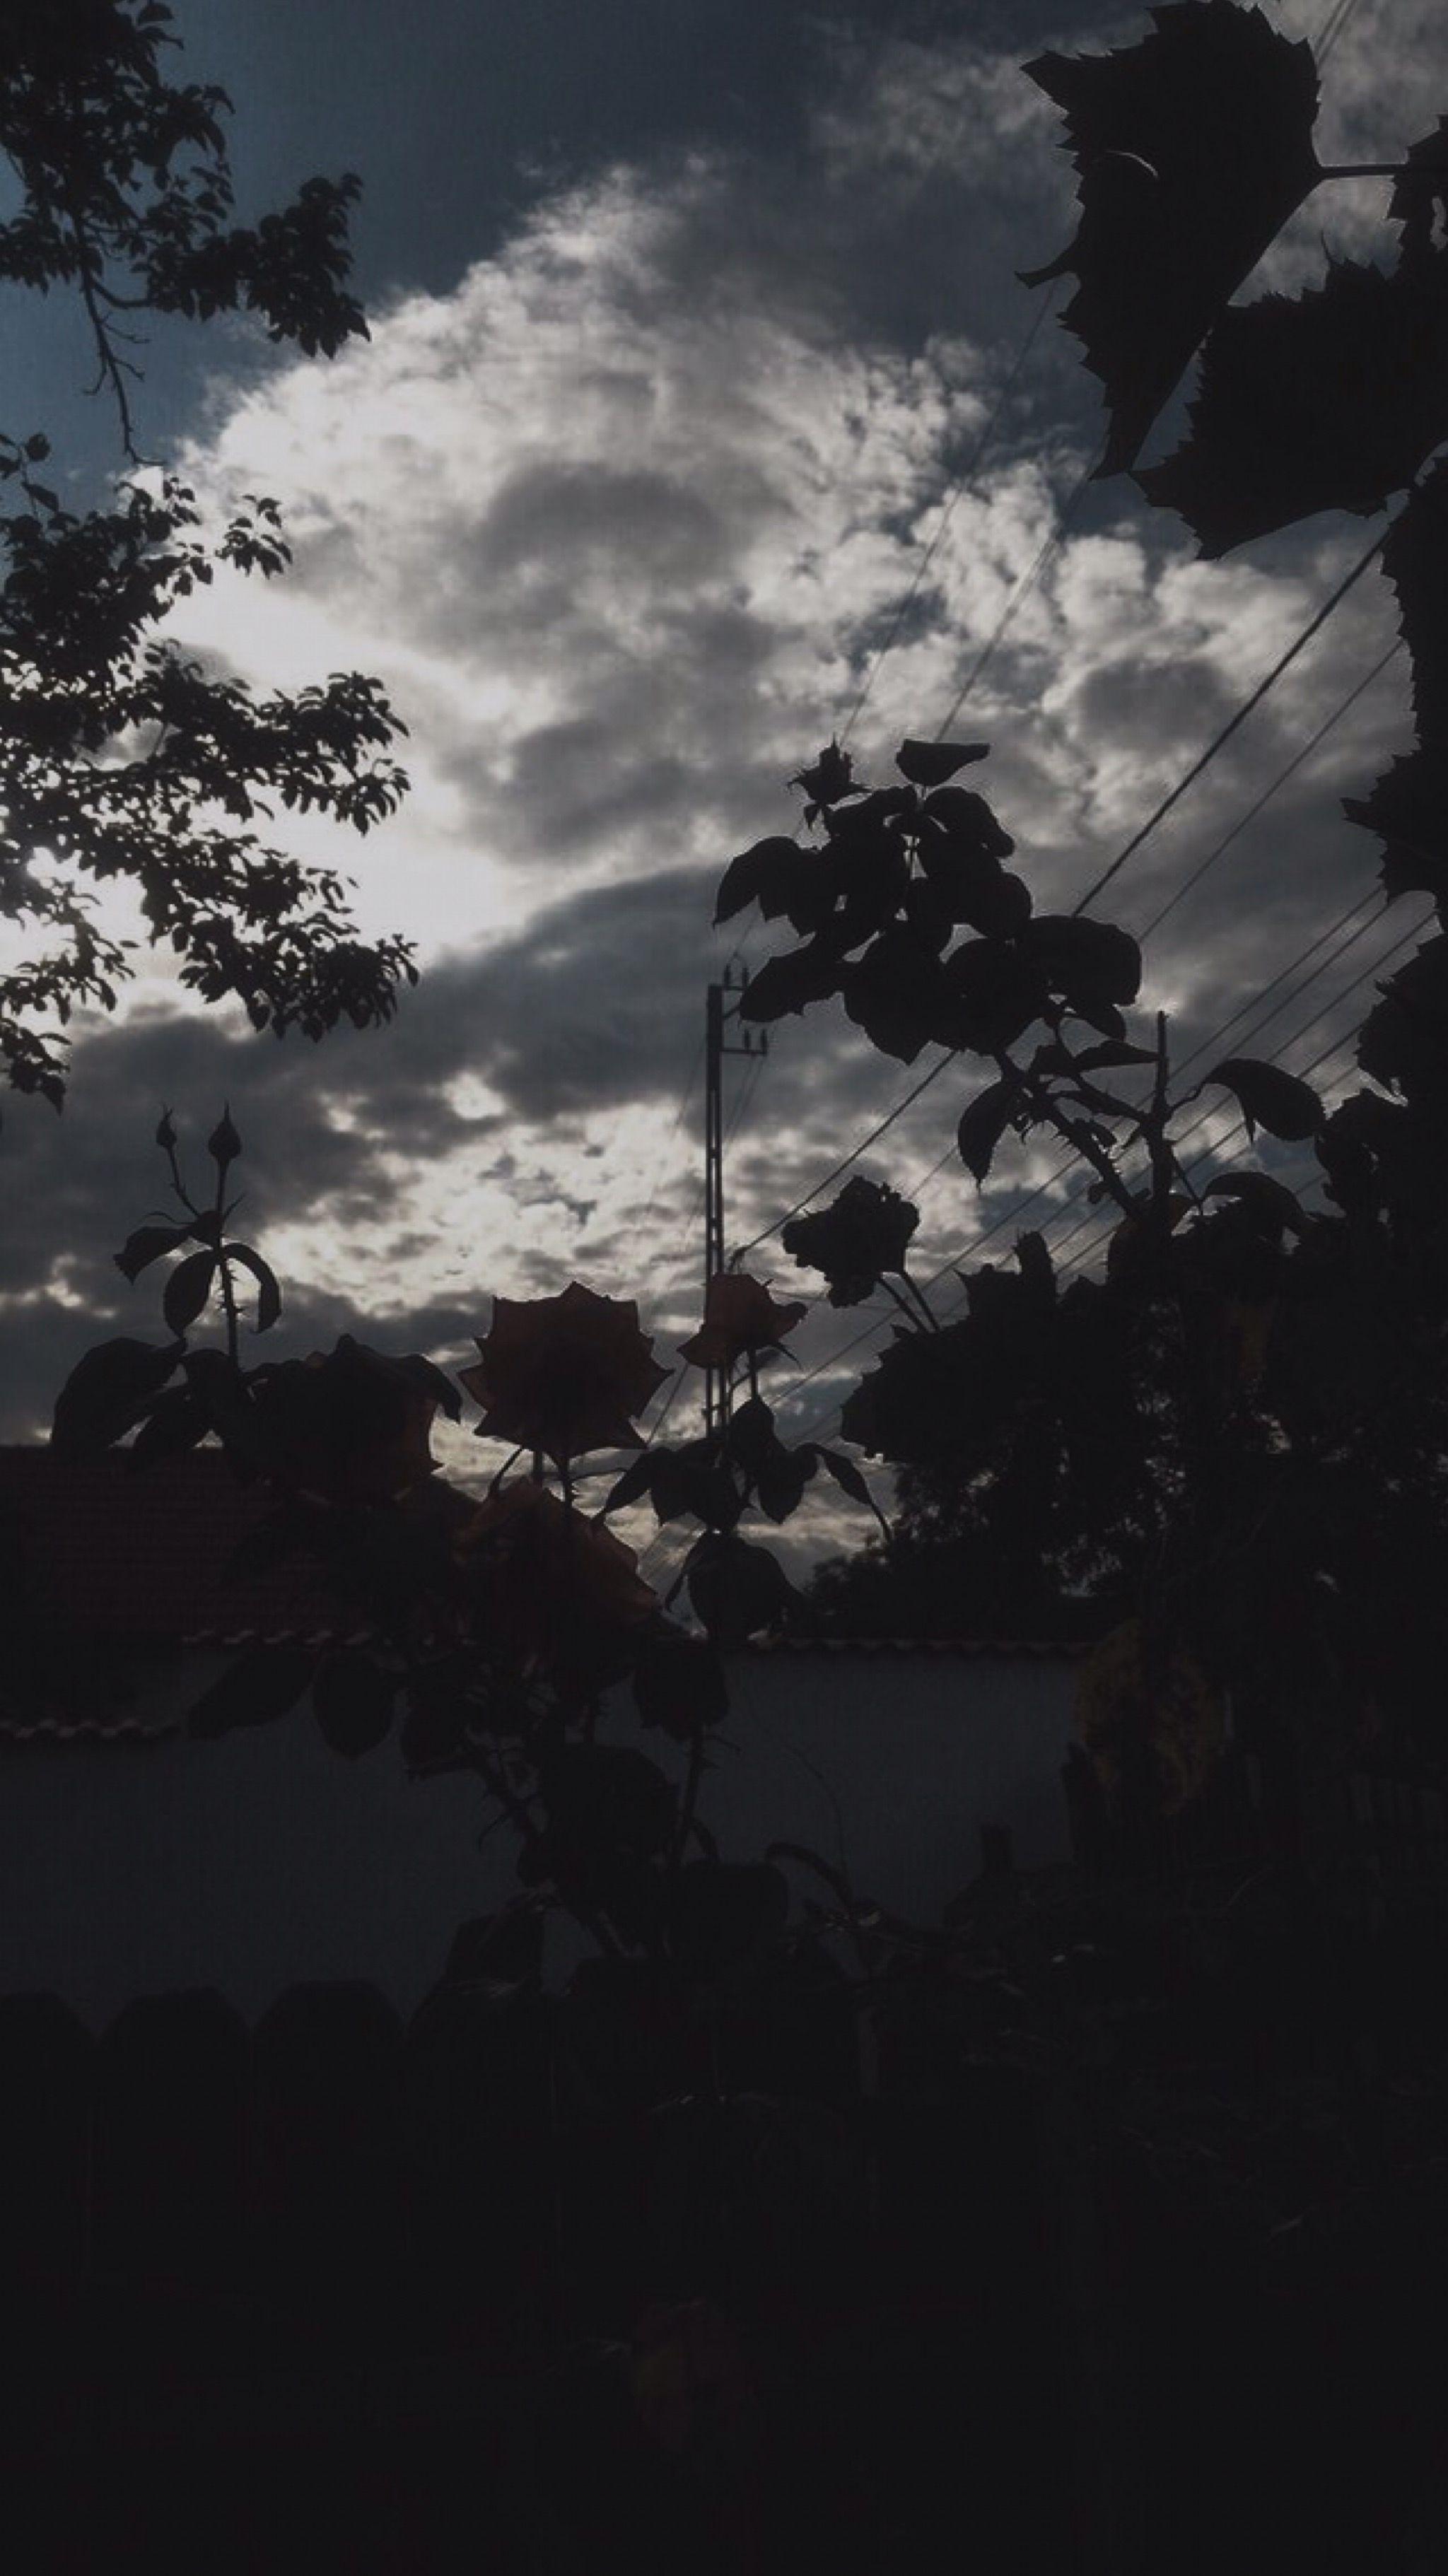 Pin Oleh Alejandra Urias Di Iphone Wallpaper Fotografi Alam Pemandangan Khayalan Pemandangan